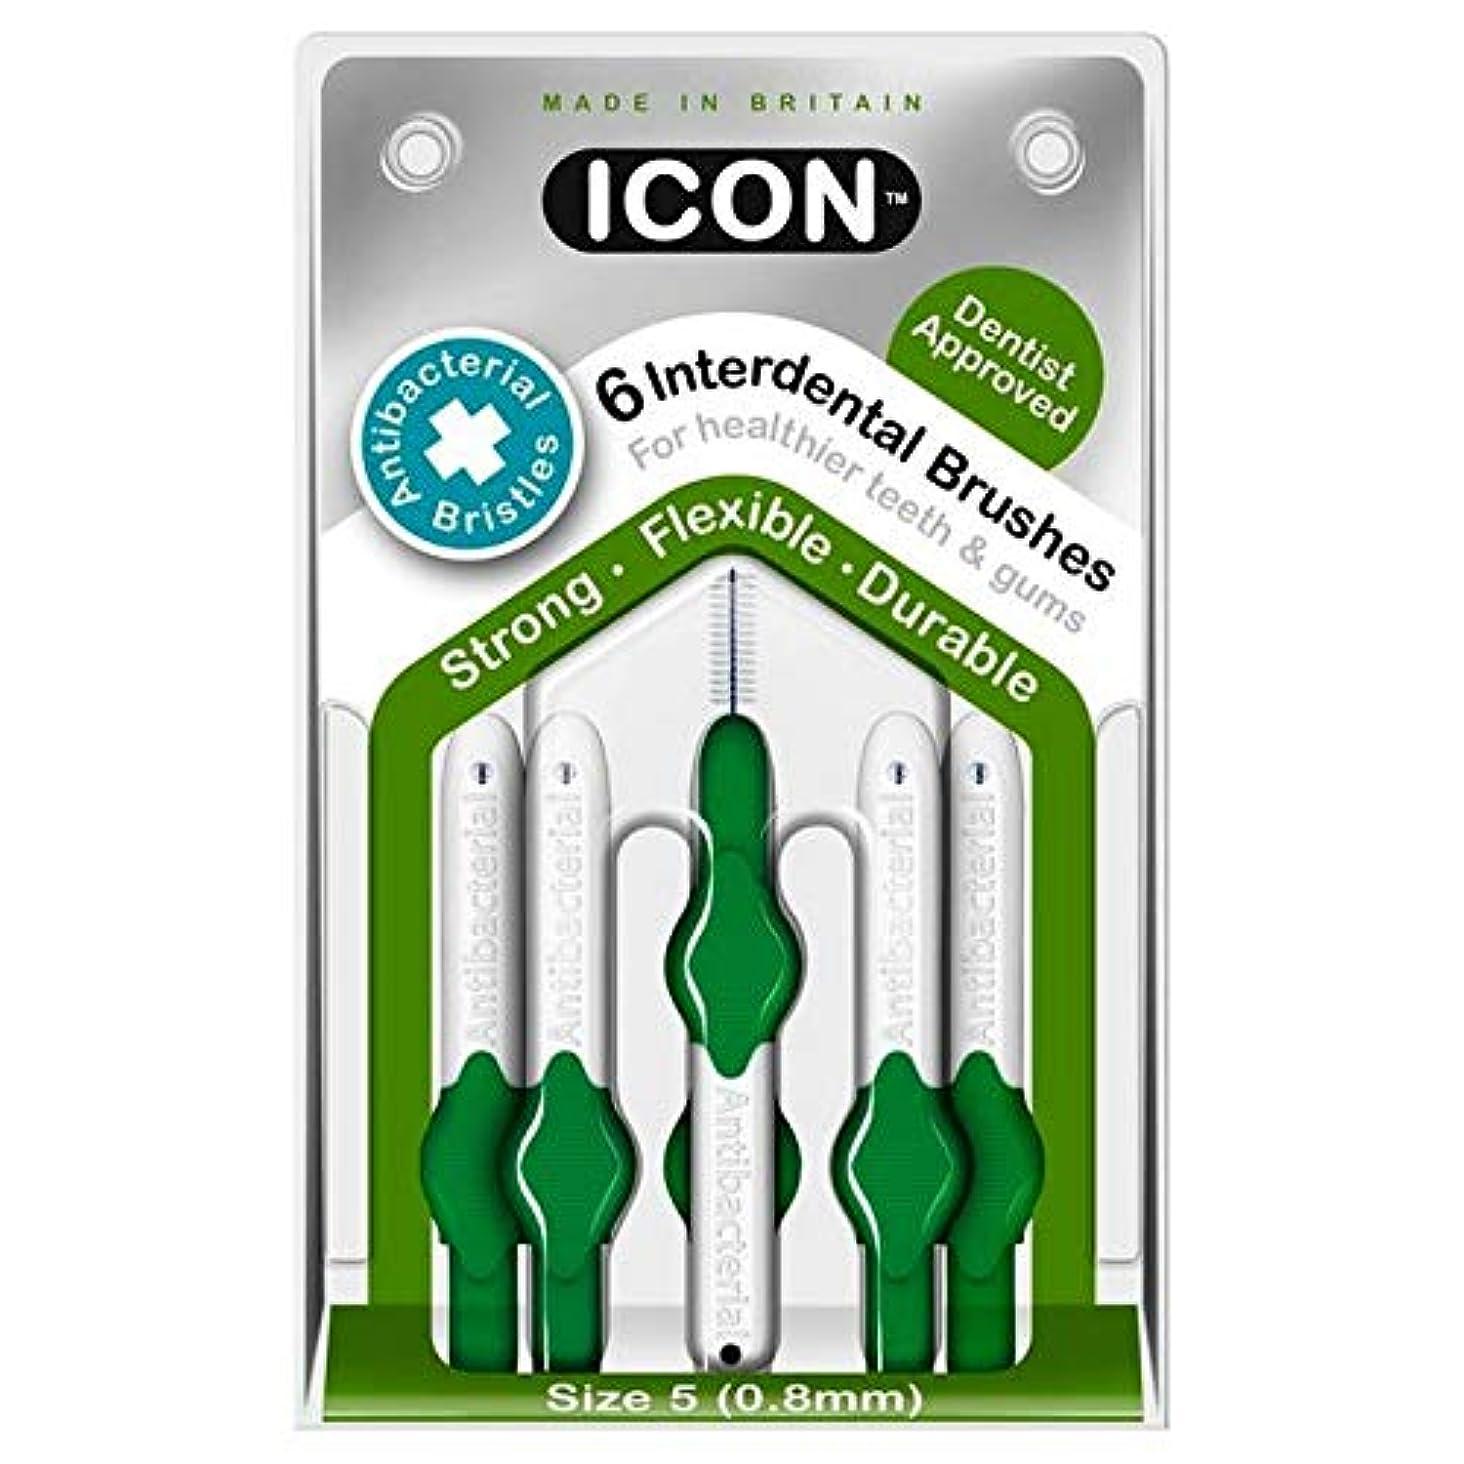 批判的にスポーツボリューム[Icon ] アイコンの歯間には、パックあたり0.8ミリメートル6ブラシ - Icon Interdental Brushes 0.8mm 6 per pack [並行輸入品]